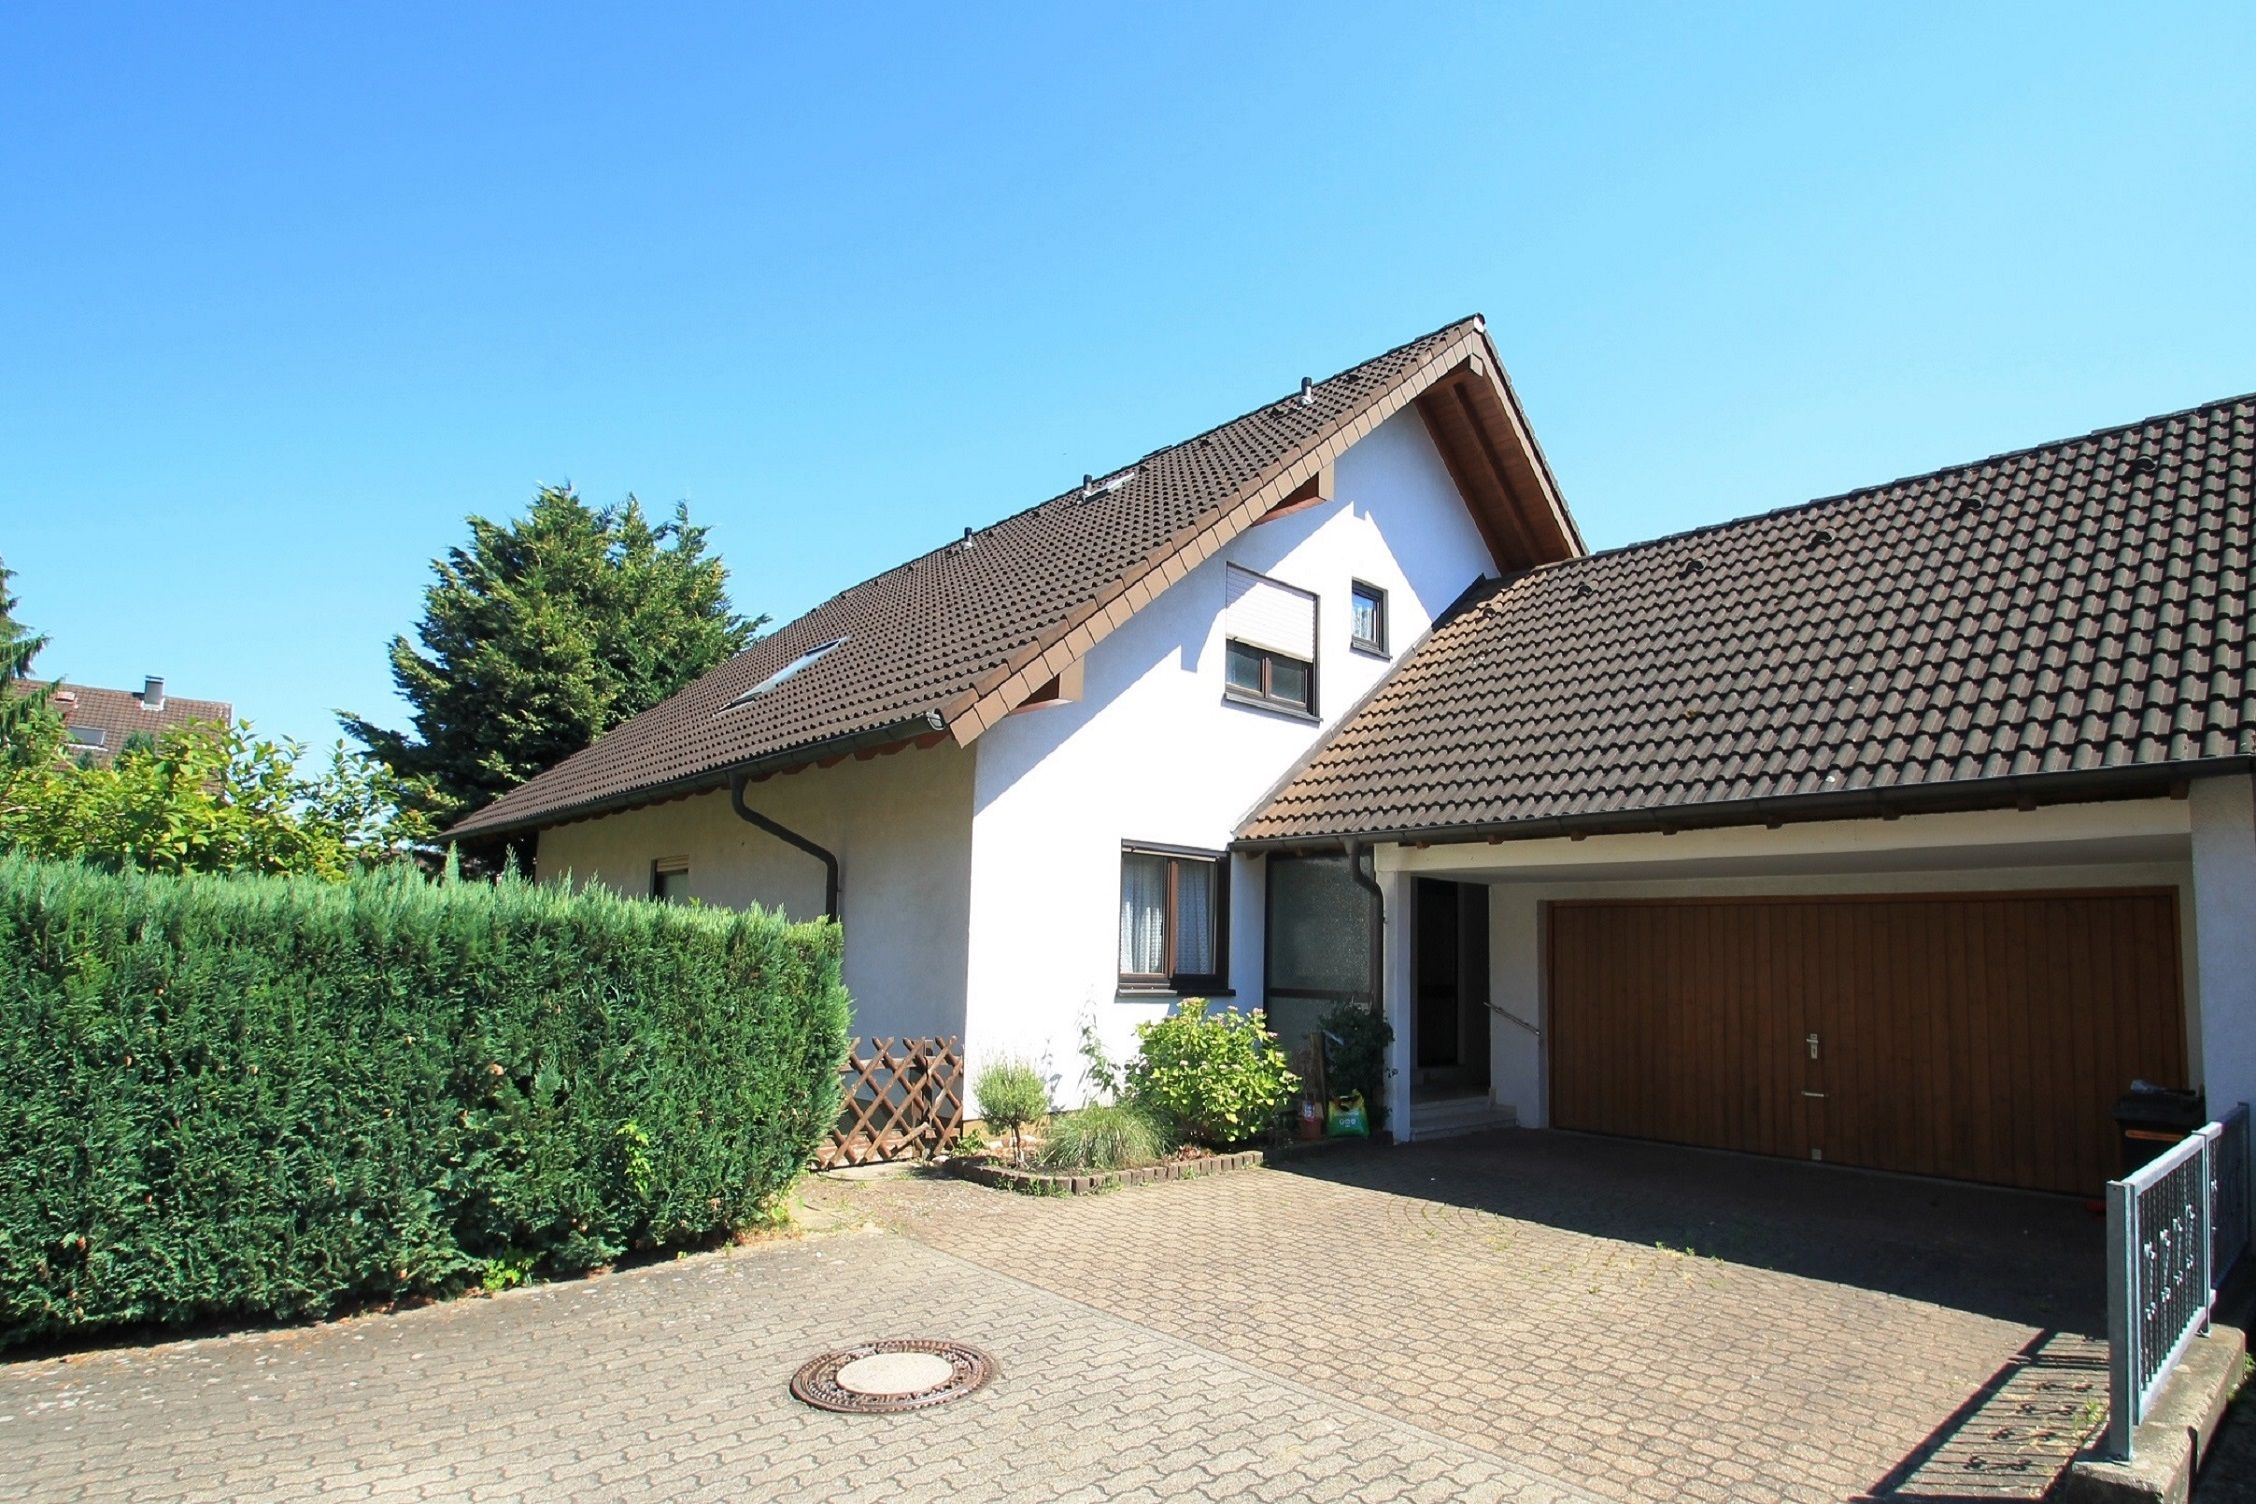 Großzügiges Zweifamilienhaus in KarlsruheGrötzingen die